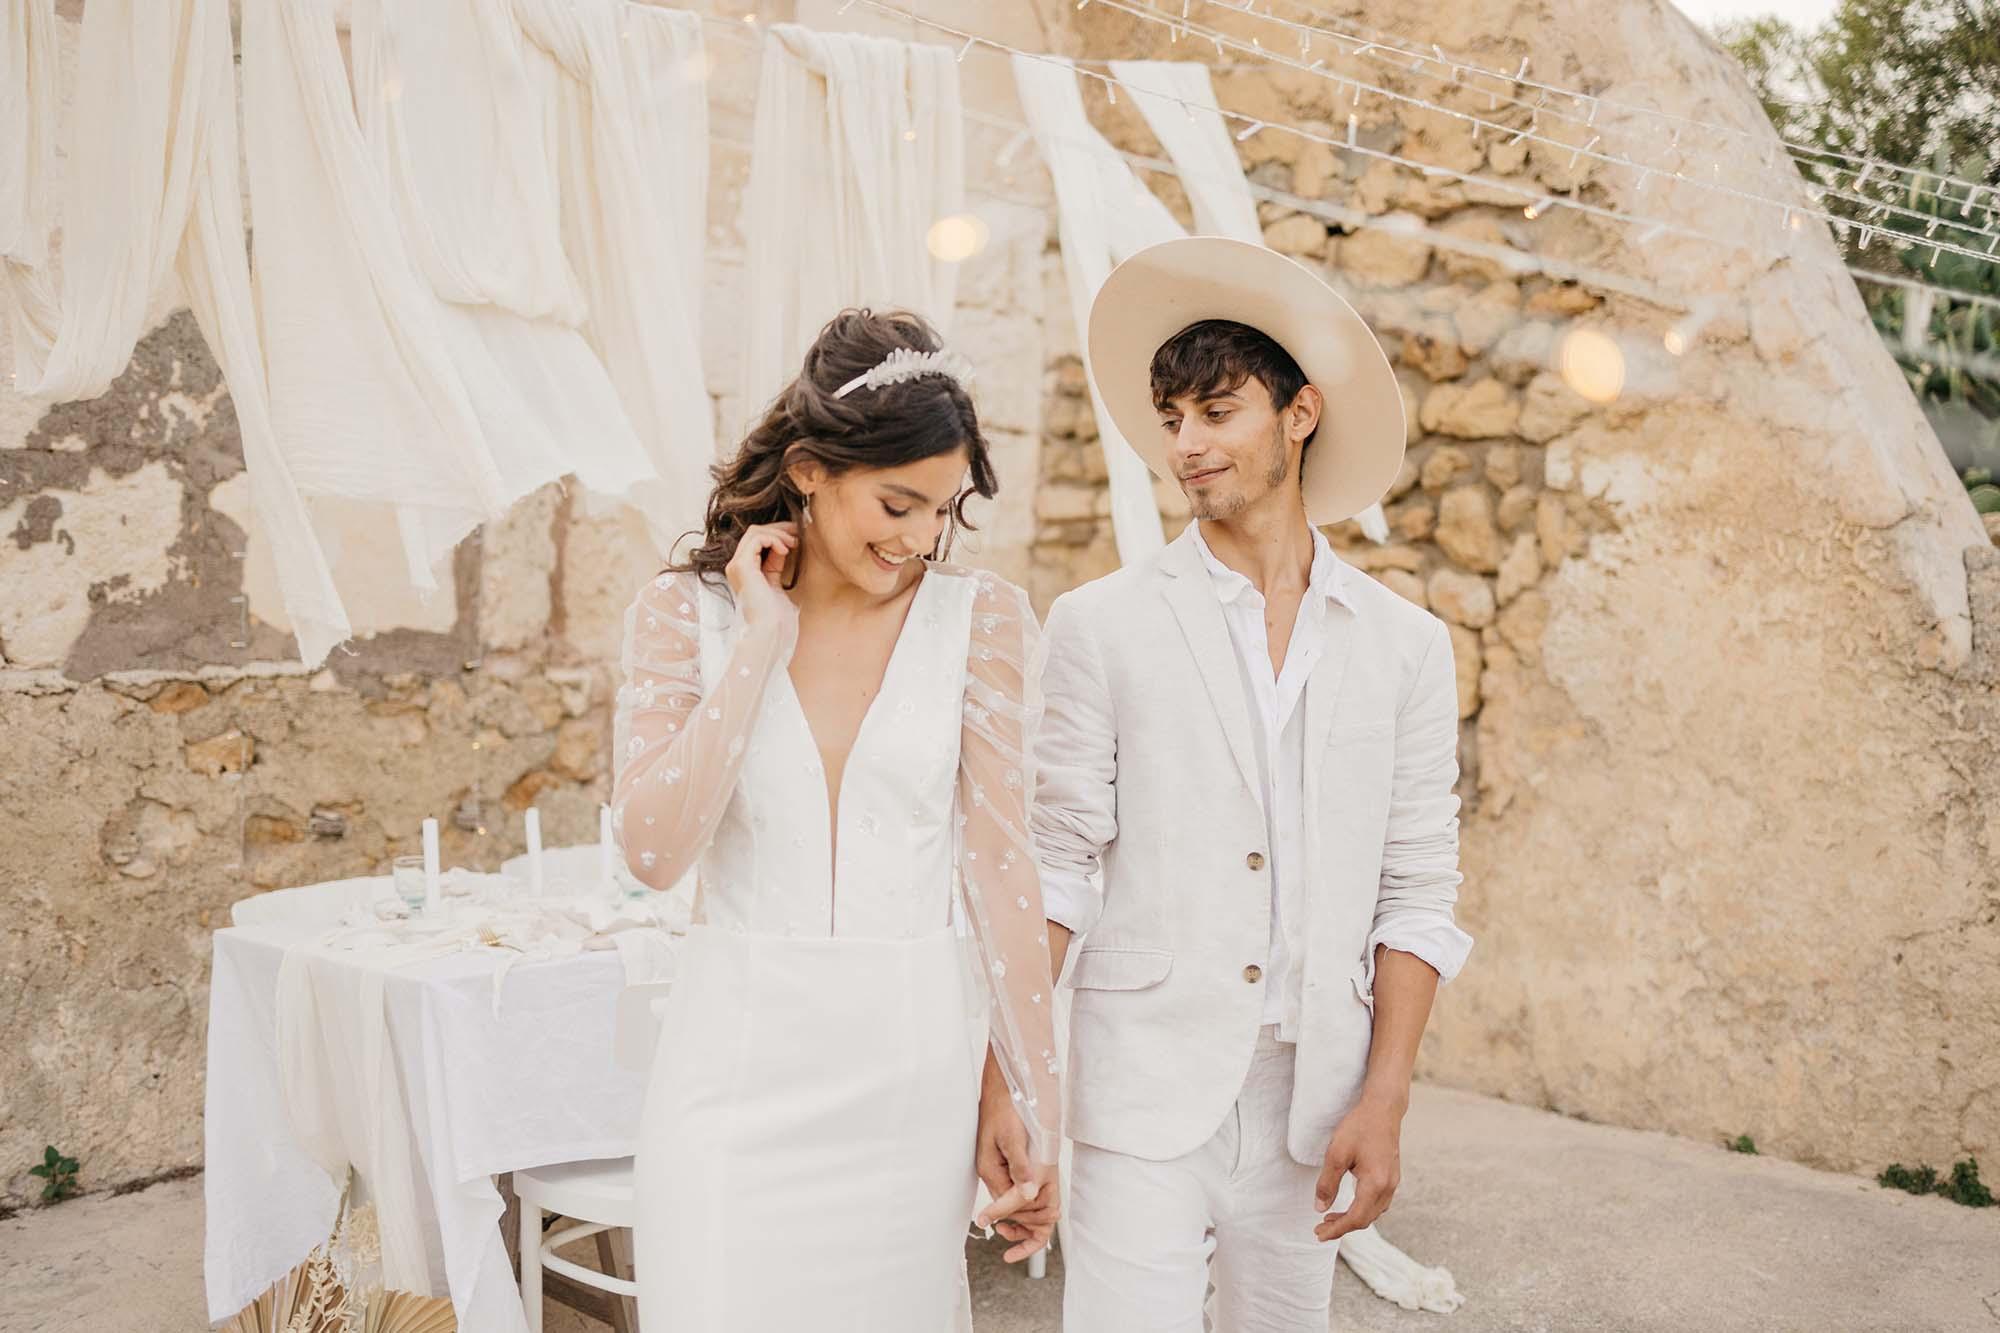 Hochzeitsfotografin Michele Peloza